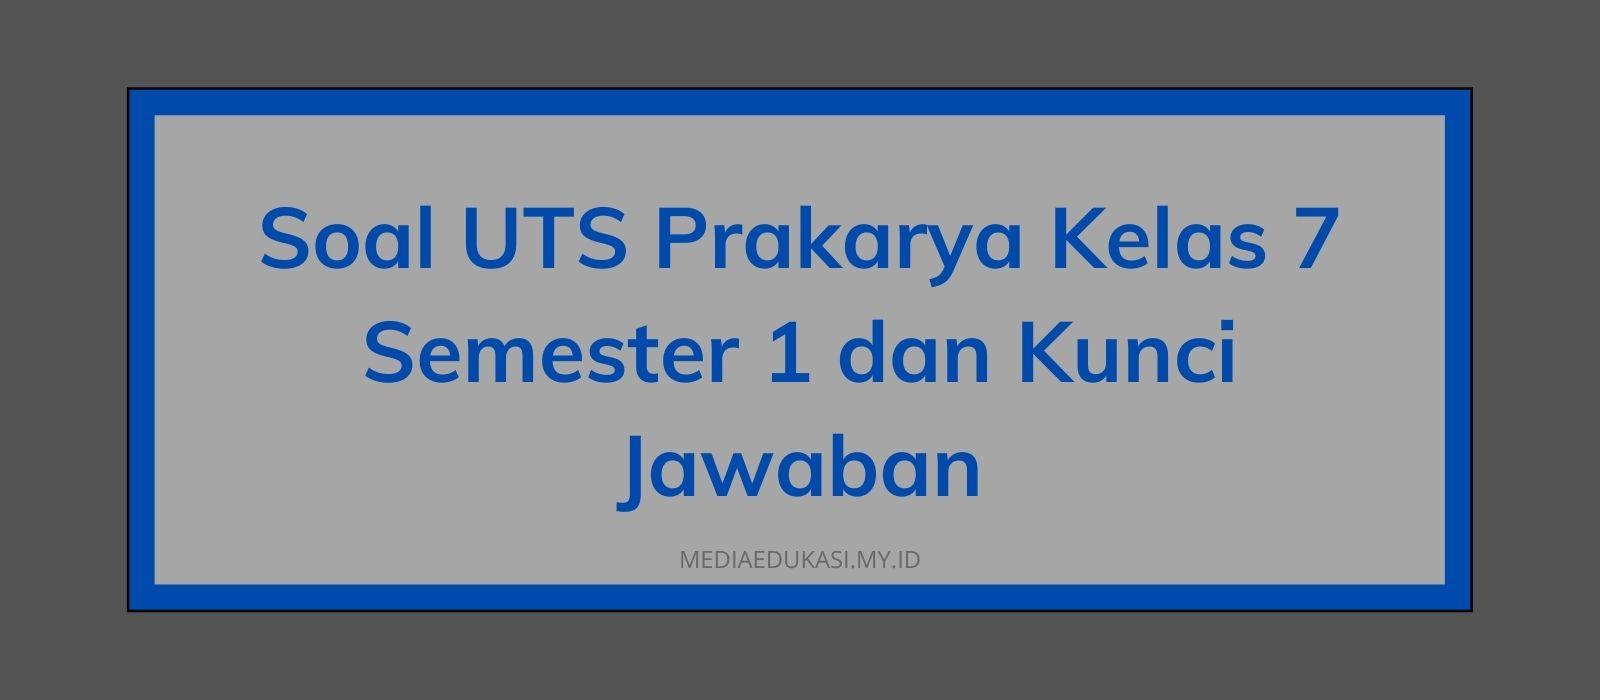 Soal UTS Prakarya Kelas 7 Semester 1 dan Kunci Jawaban